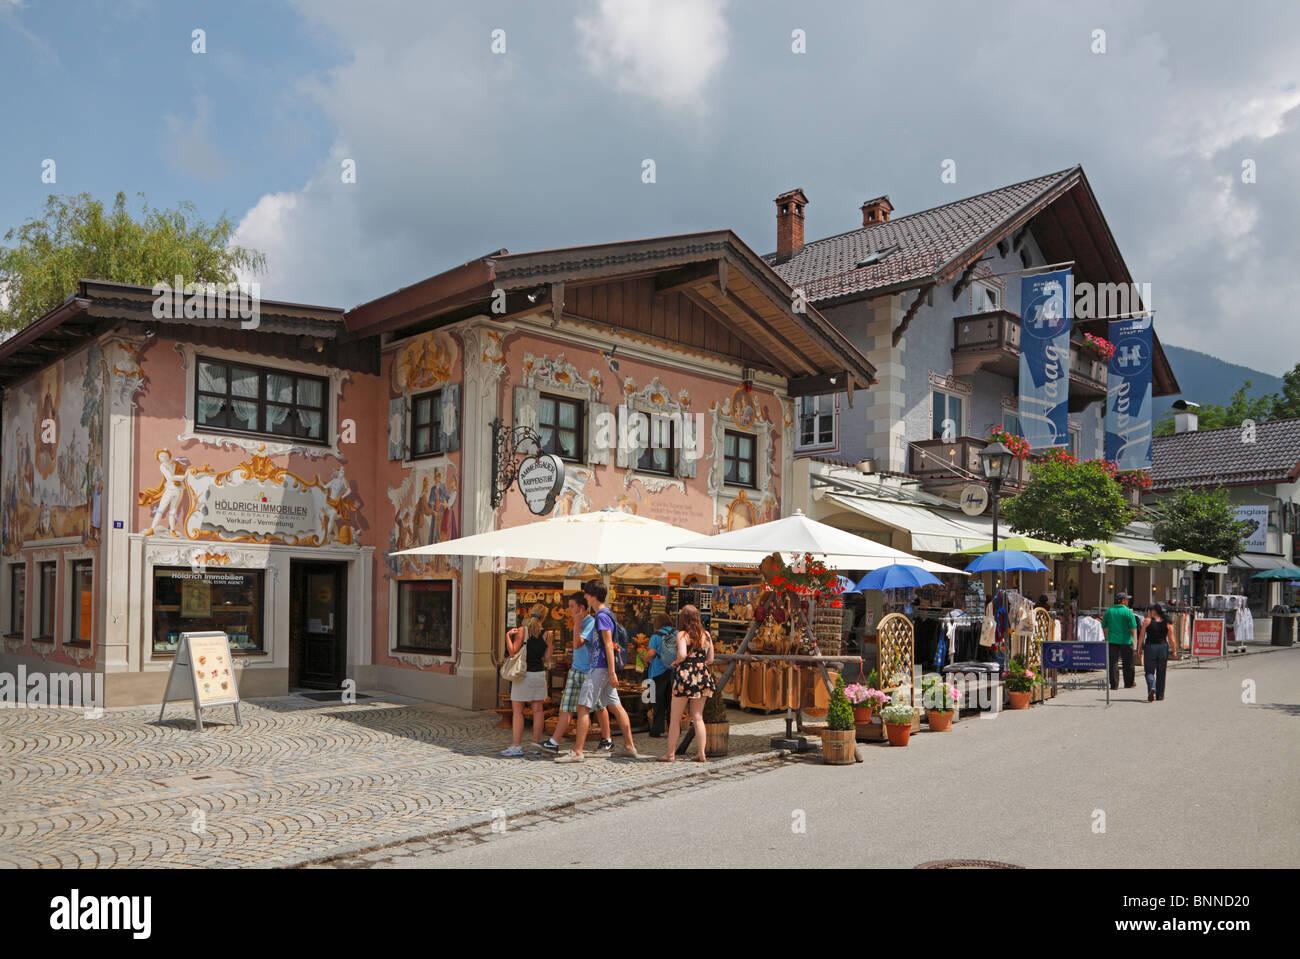 Typische Straße, Häuser und Geschäfte von der Innenstadt ...